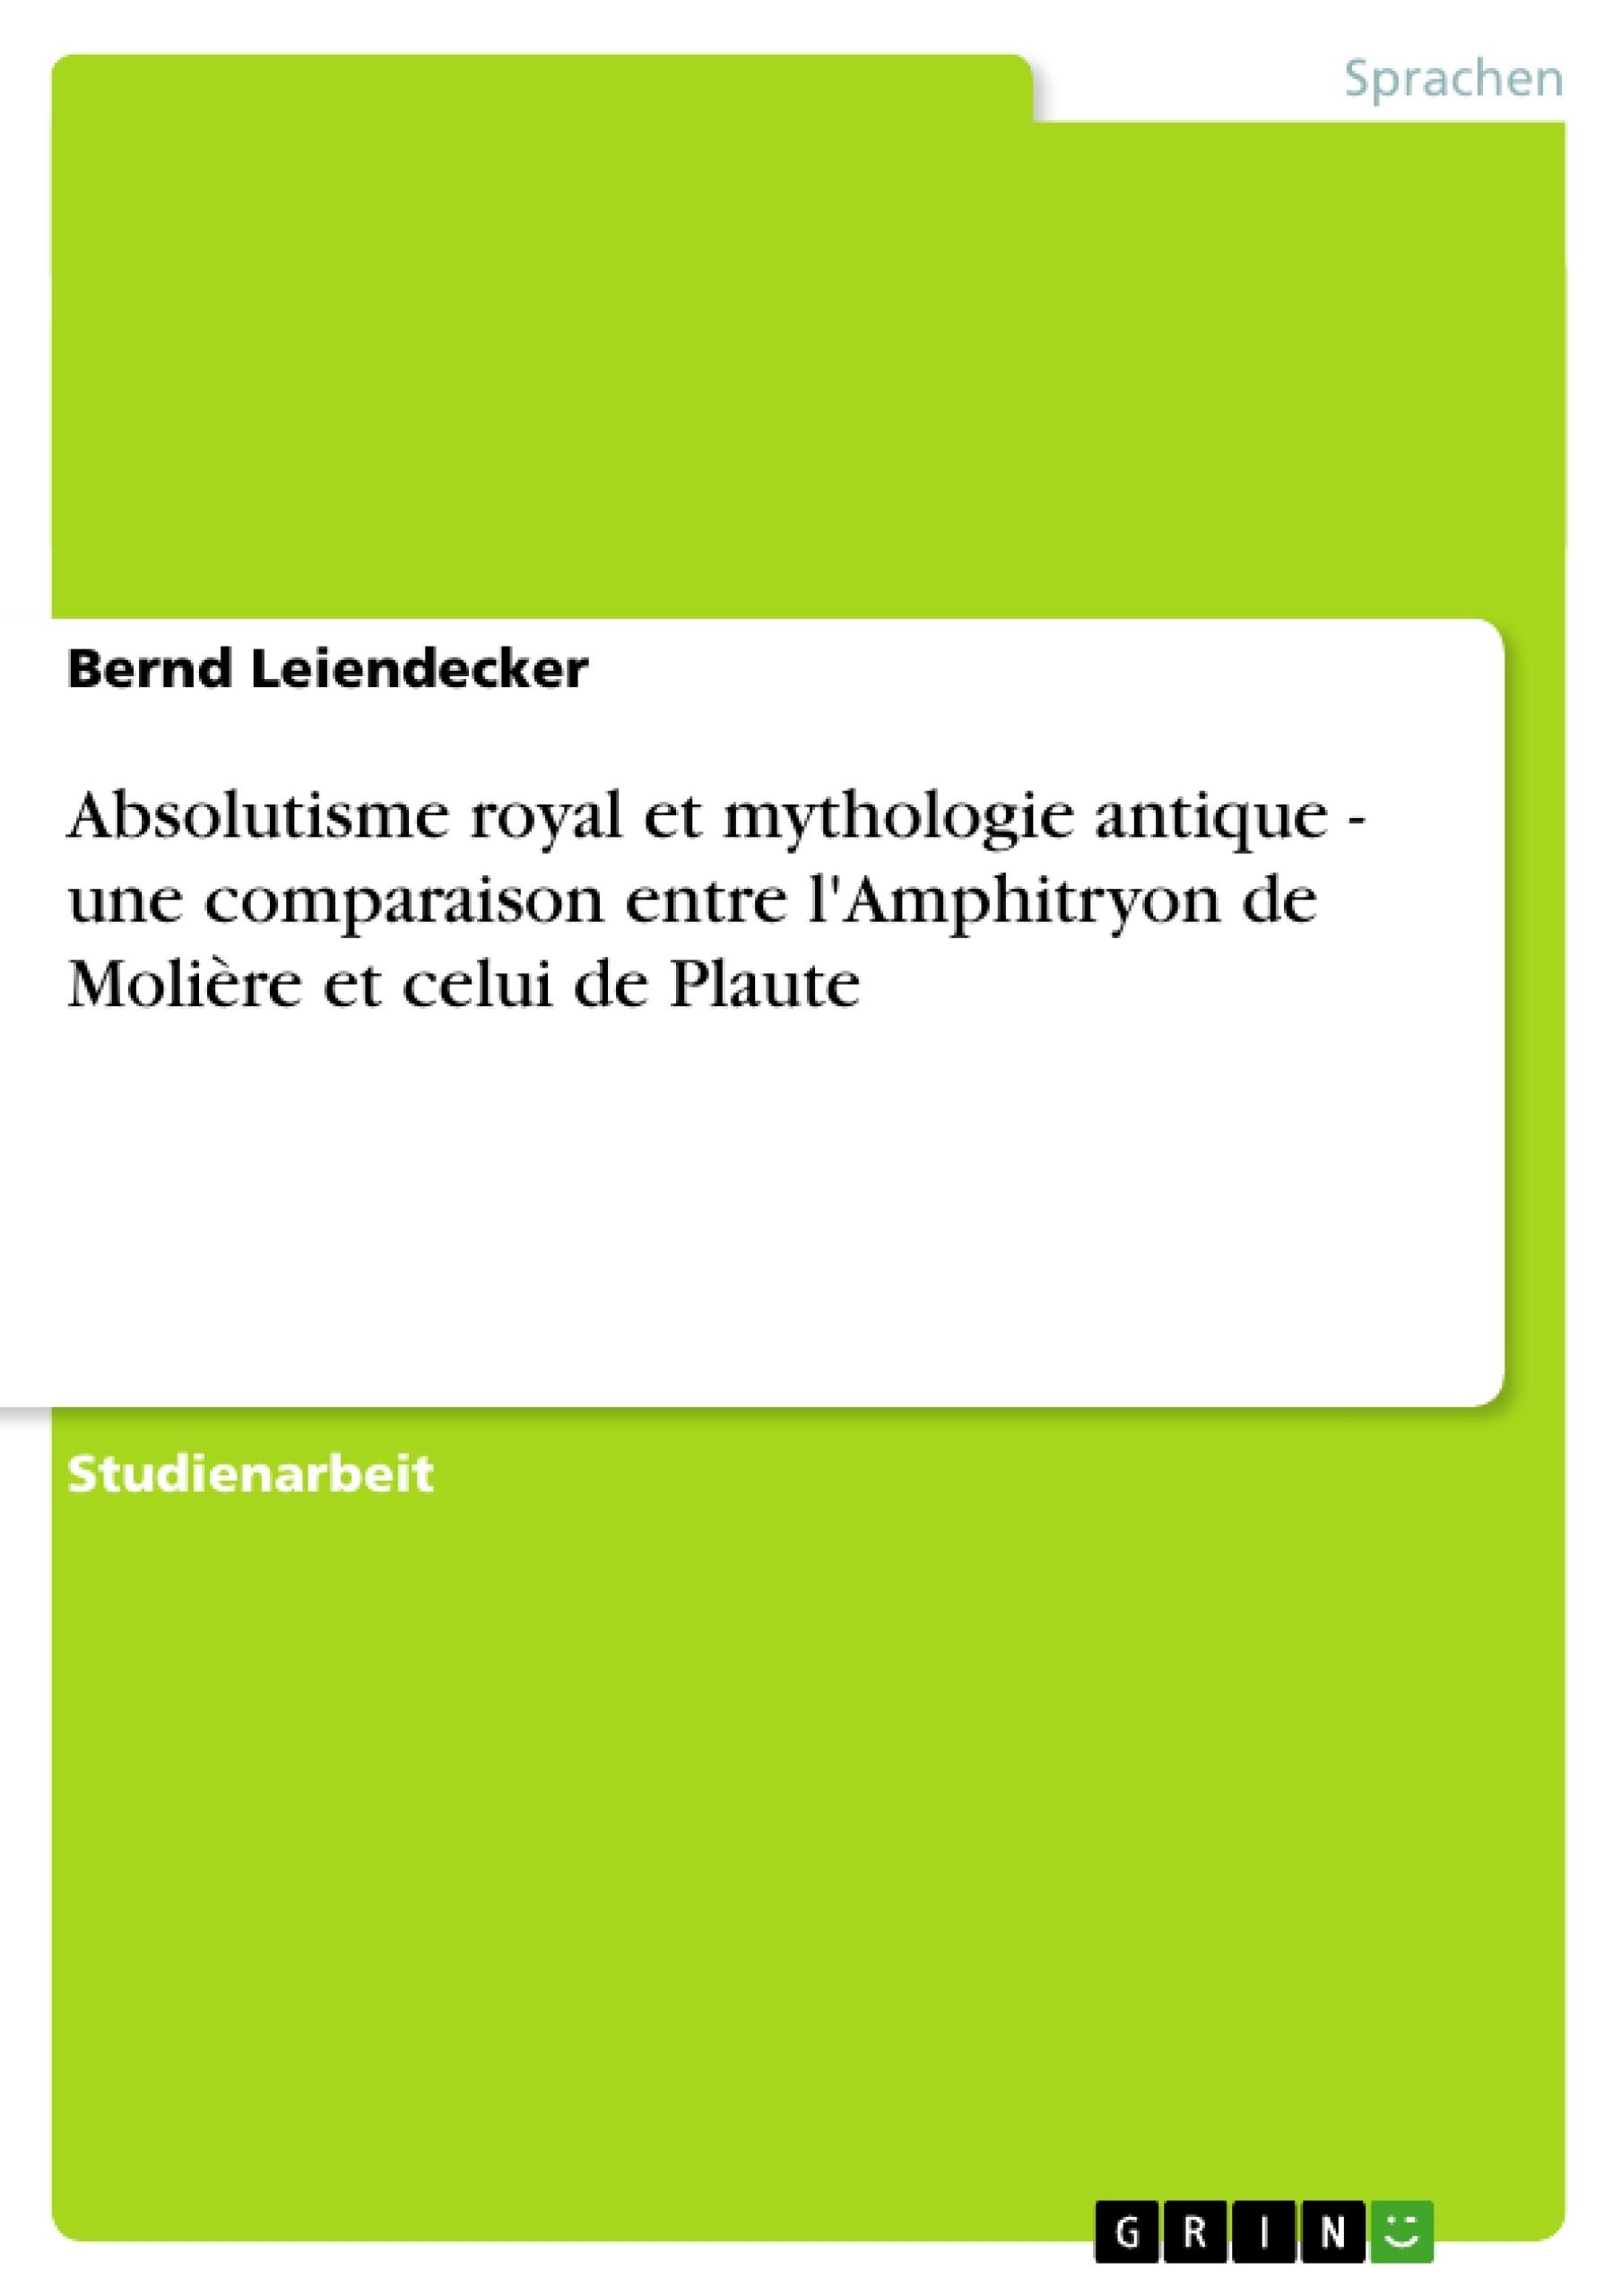 Titel: Absolutisme royal et mythologie antique - une comparaison entre l'Amphitryon de Molière et celui de Plaute